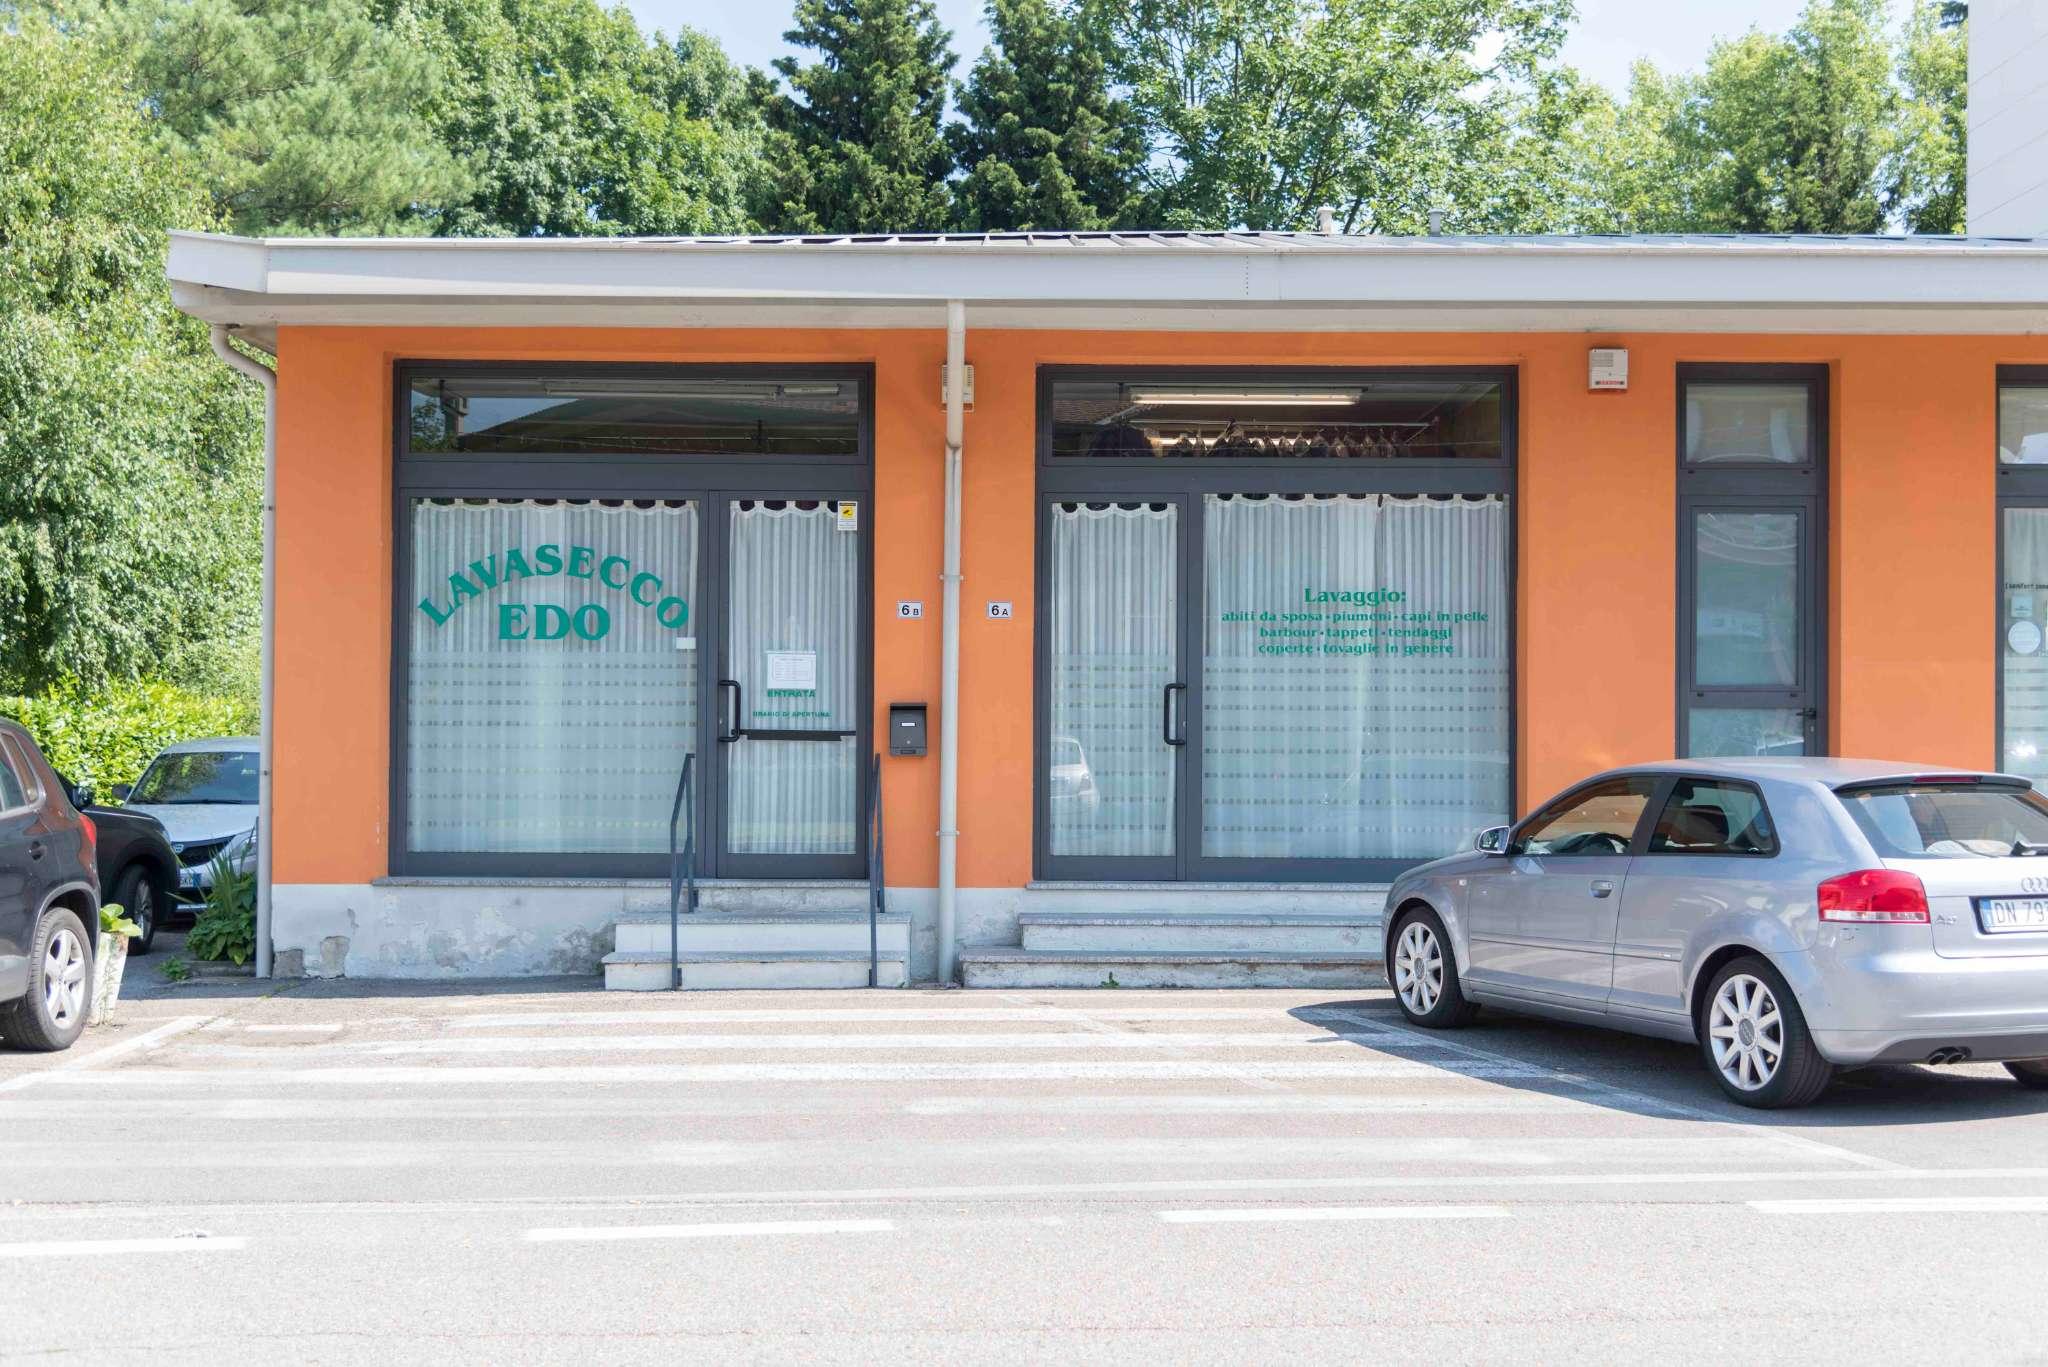 Negozio / Locale in vendita a Brembate di Sopra, 2 locali, prezzo € 150.000 | PortaleAgenzieImmobiliari.it